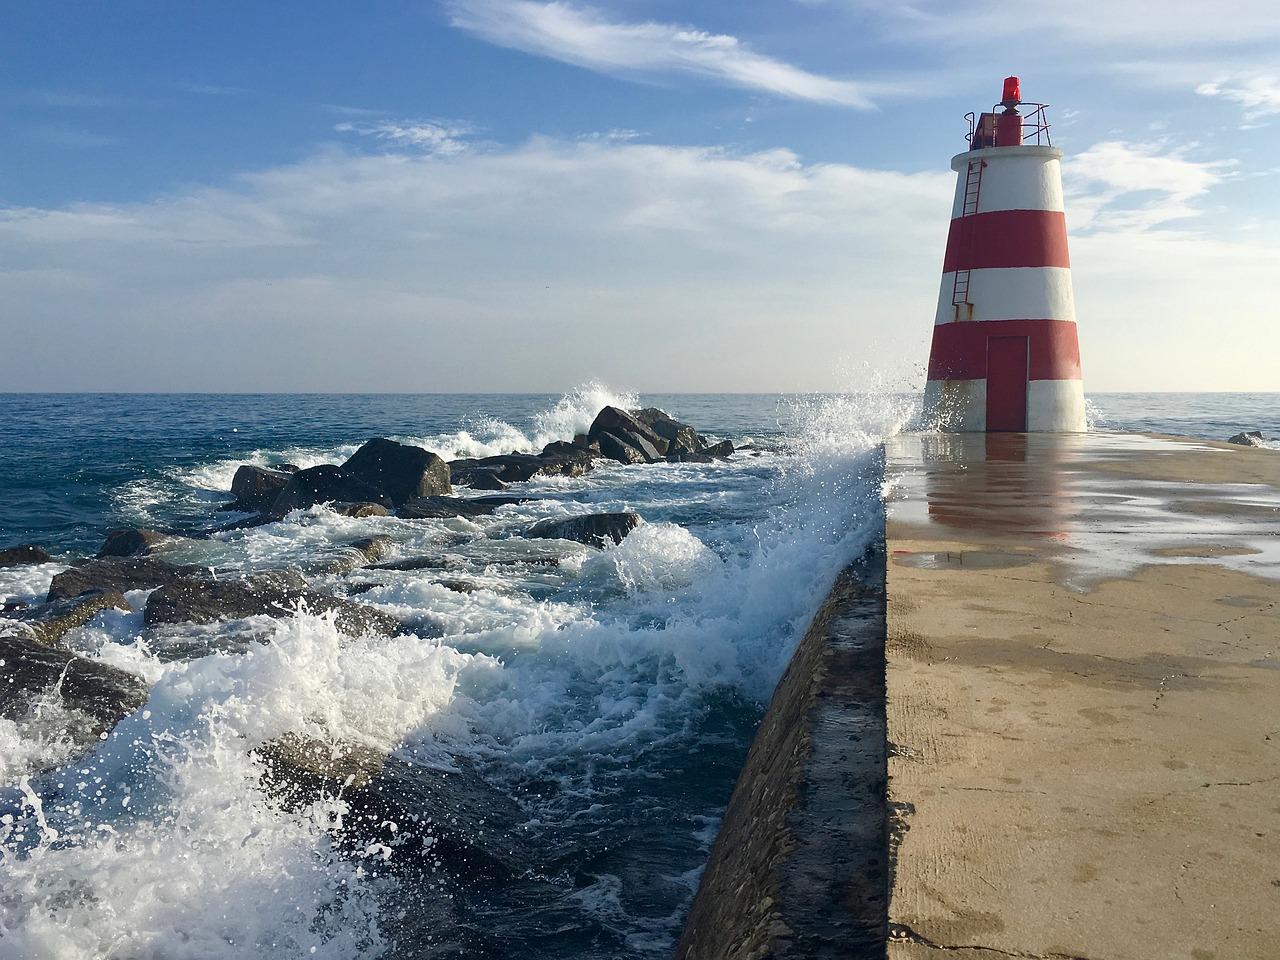 маяк в океане фото создавал фильм, настоящий